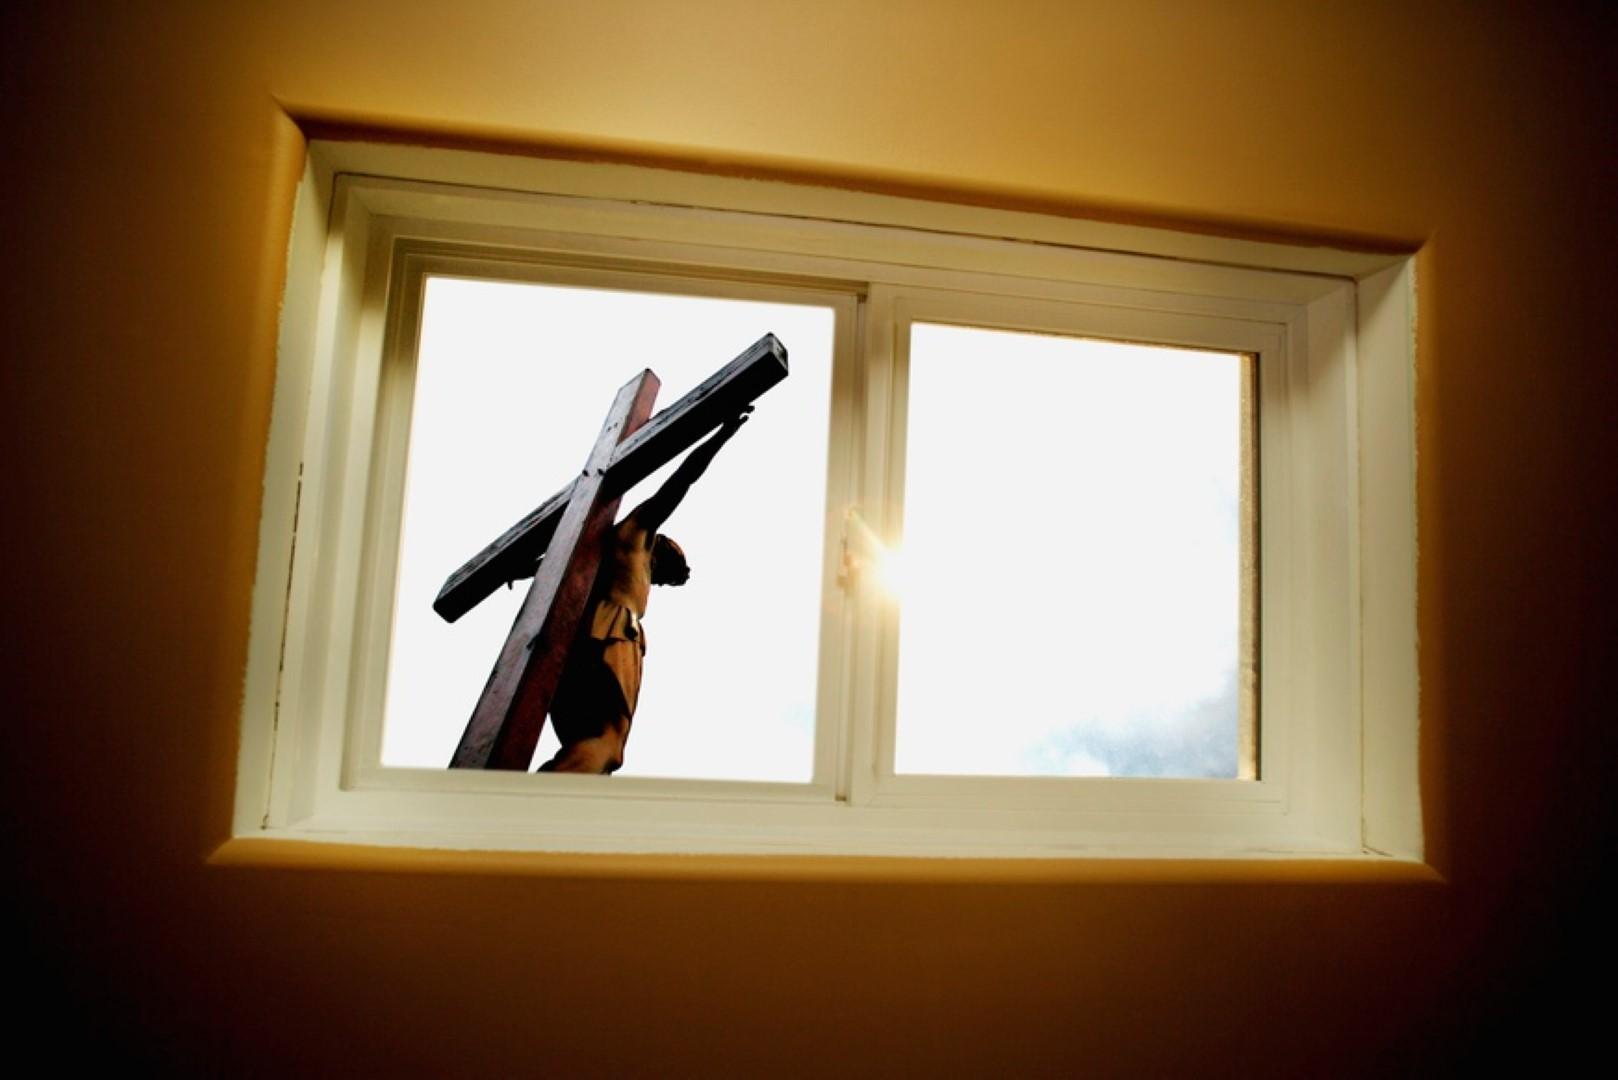 (Polski) Przewodniczący Episkopatu: Kościół bardziej niż ktokolwiek inny winien brzydzić się nikczemną przemocą, zwłaszcza wobec dziecka